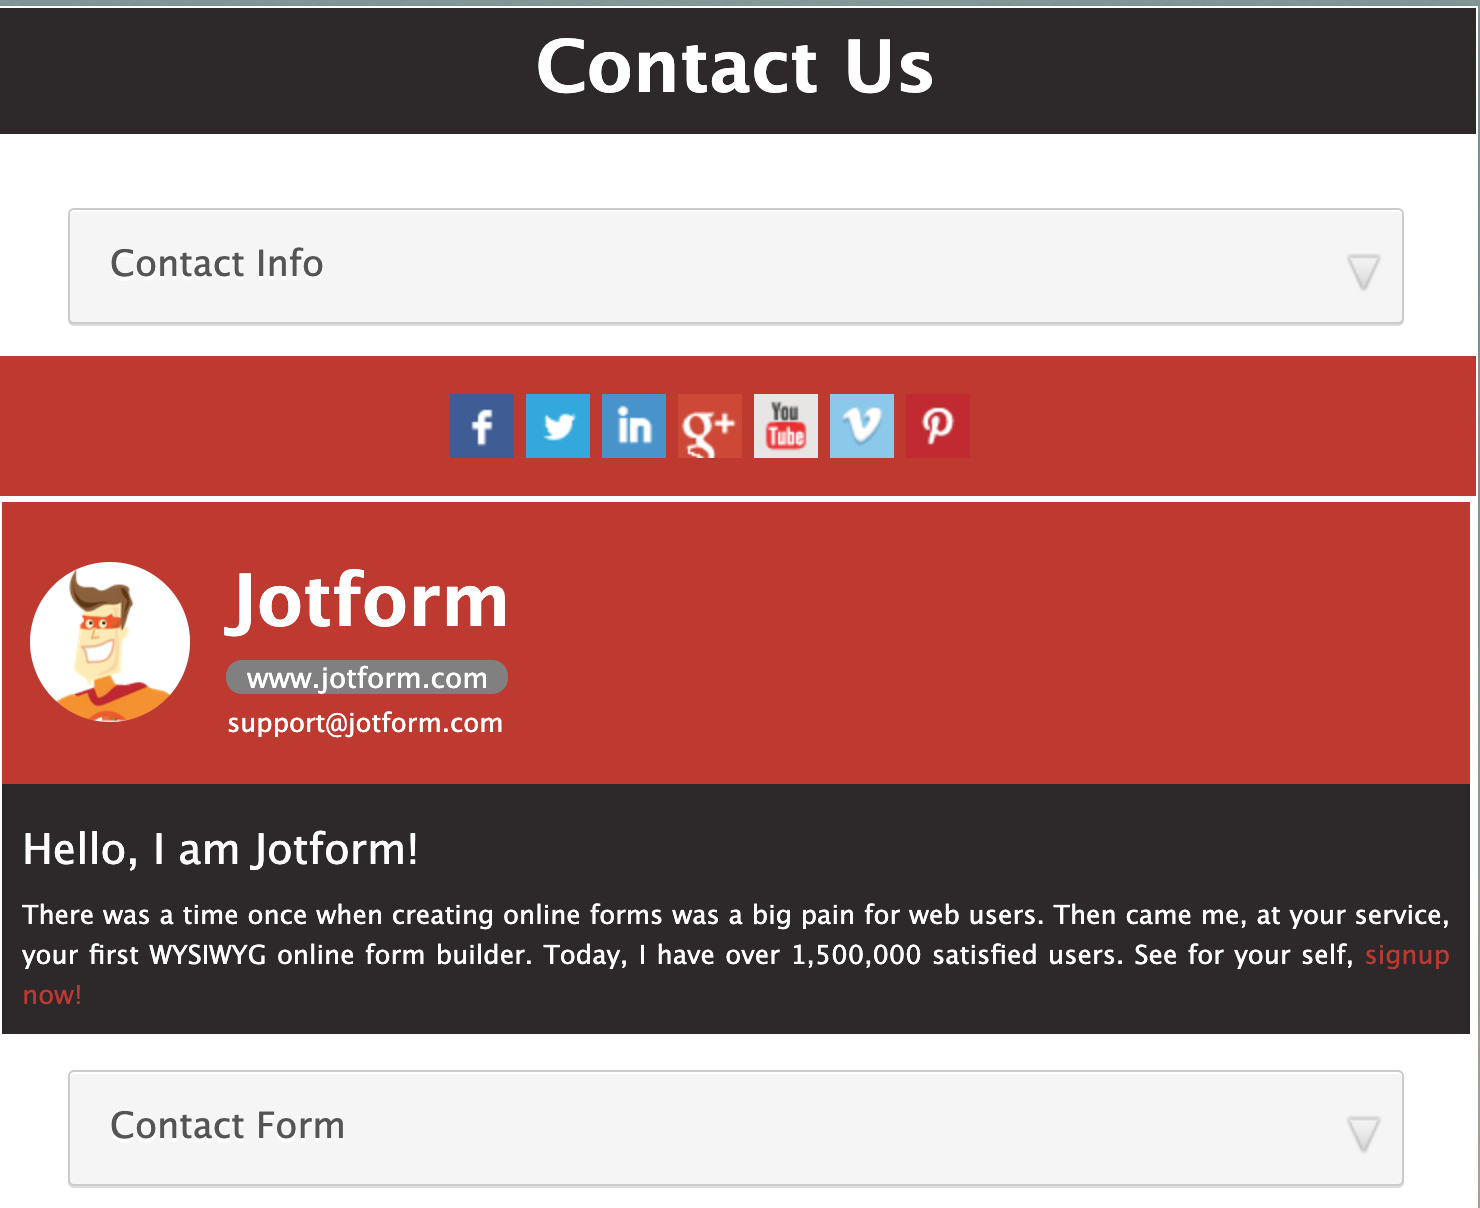 Social Media Contact Form Template